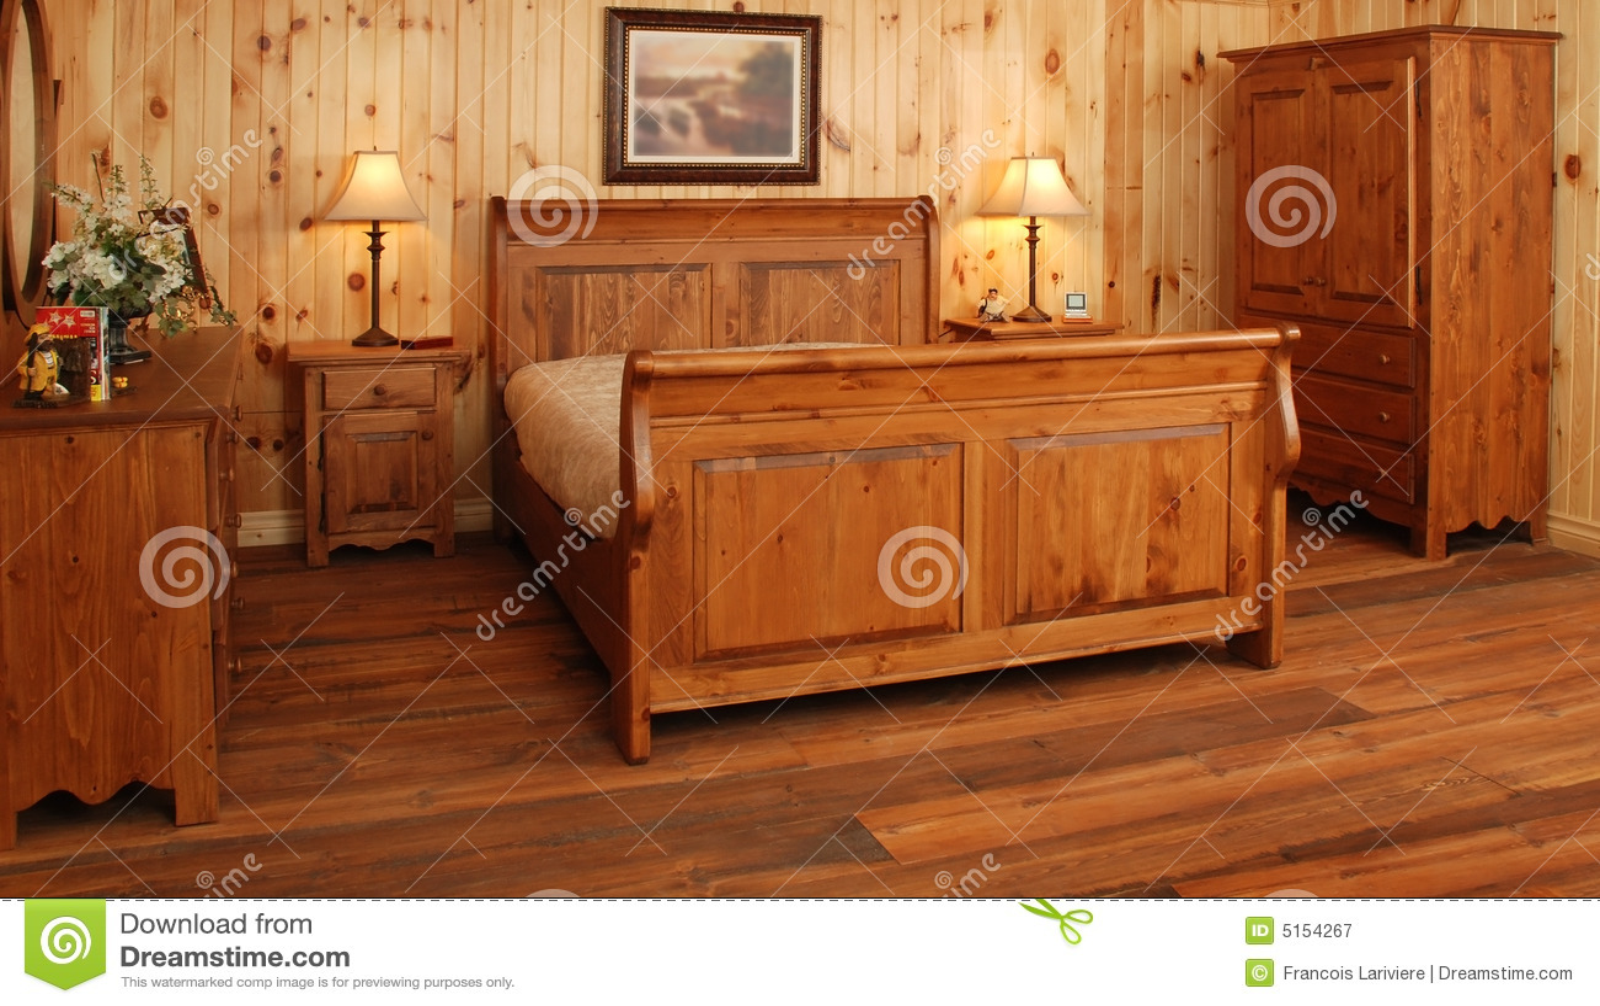 Camera Da Letto Legno Naturale : Vecchio insieme di camera da letto di legno di pino immagine stock